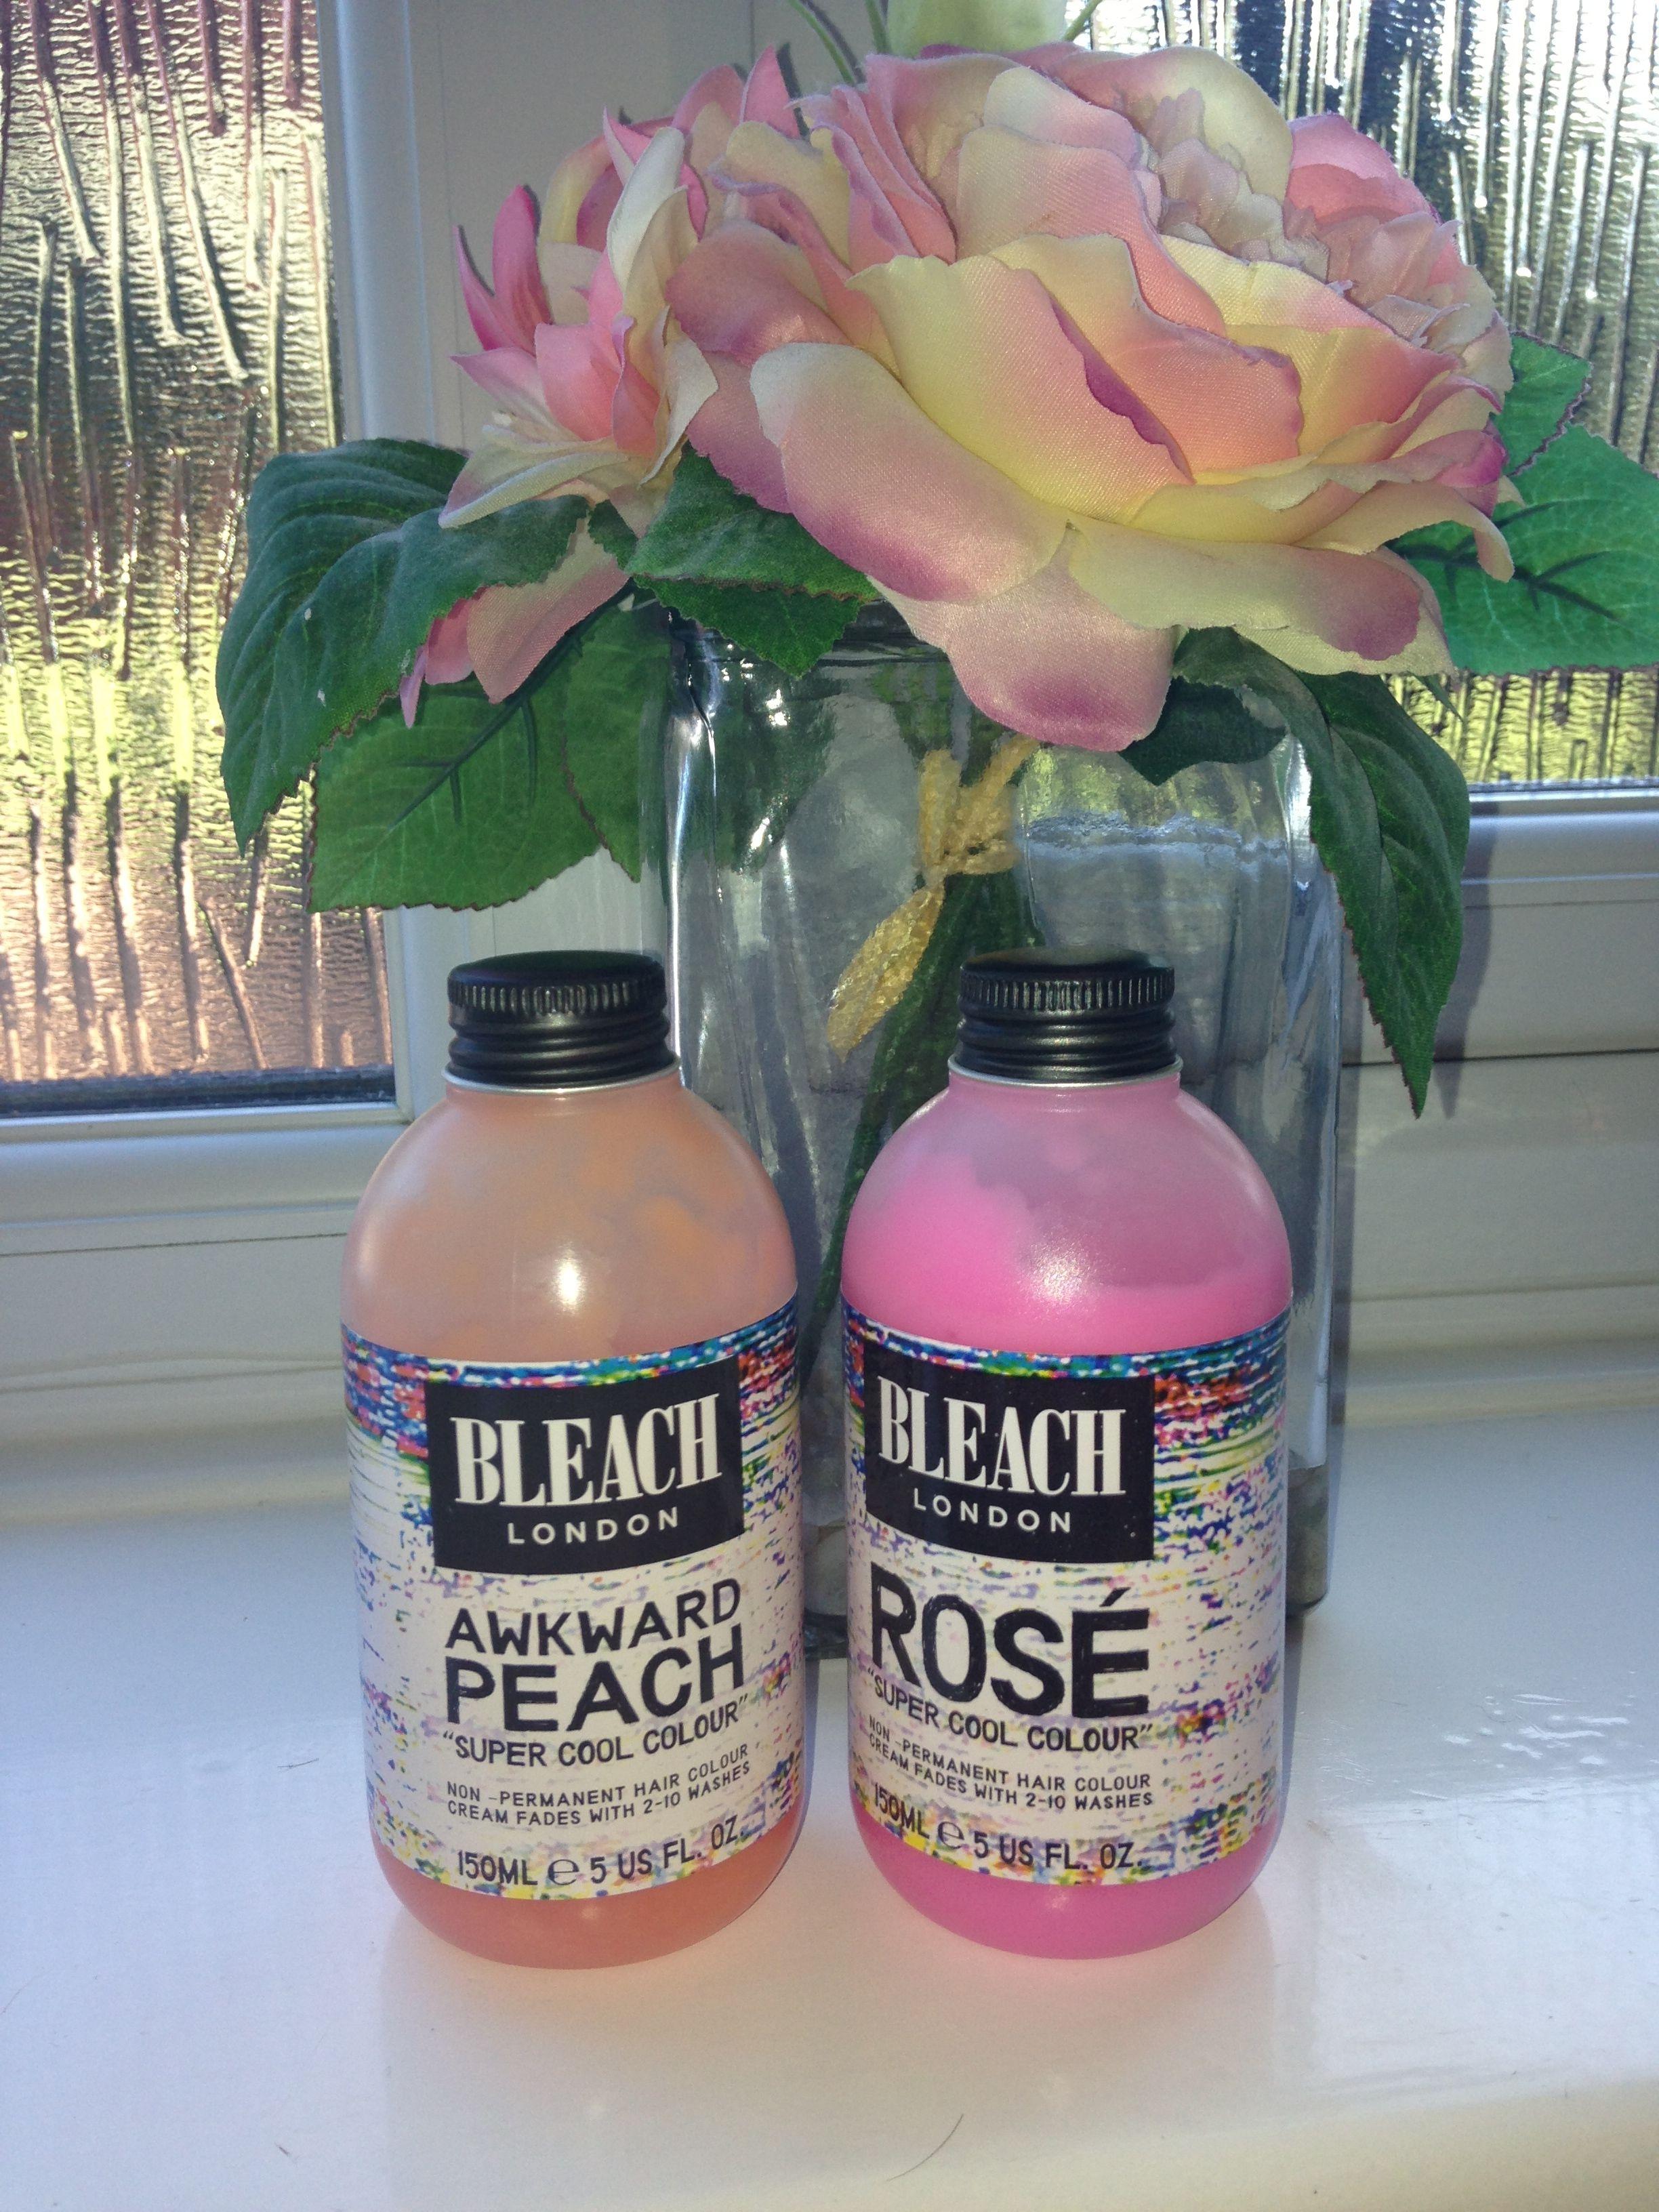 Bleach London Super Cool Colour Dye Review u Awkward Peach  Makeup